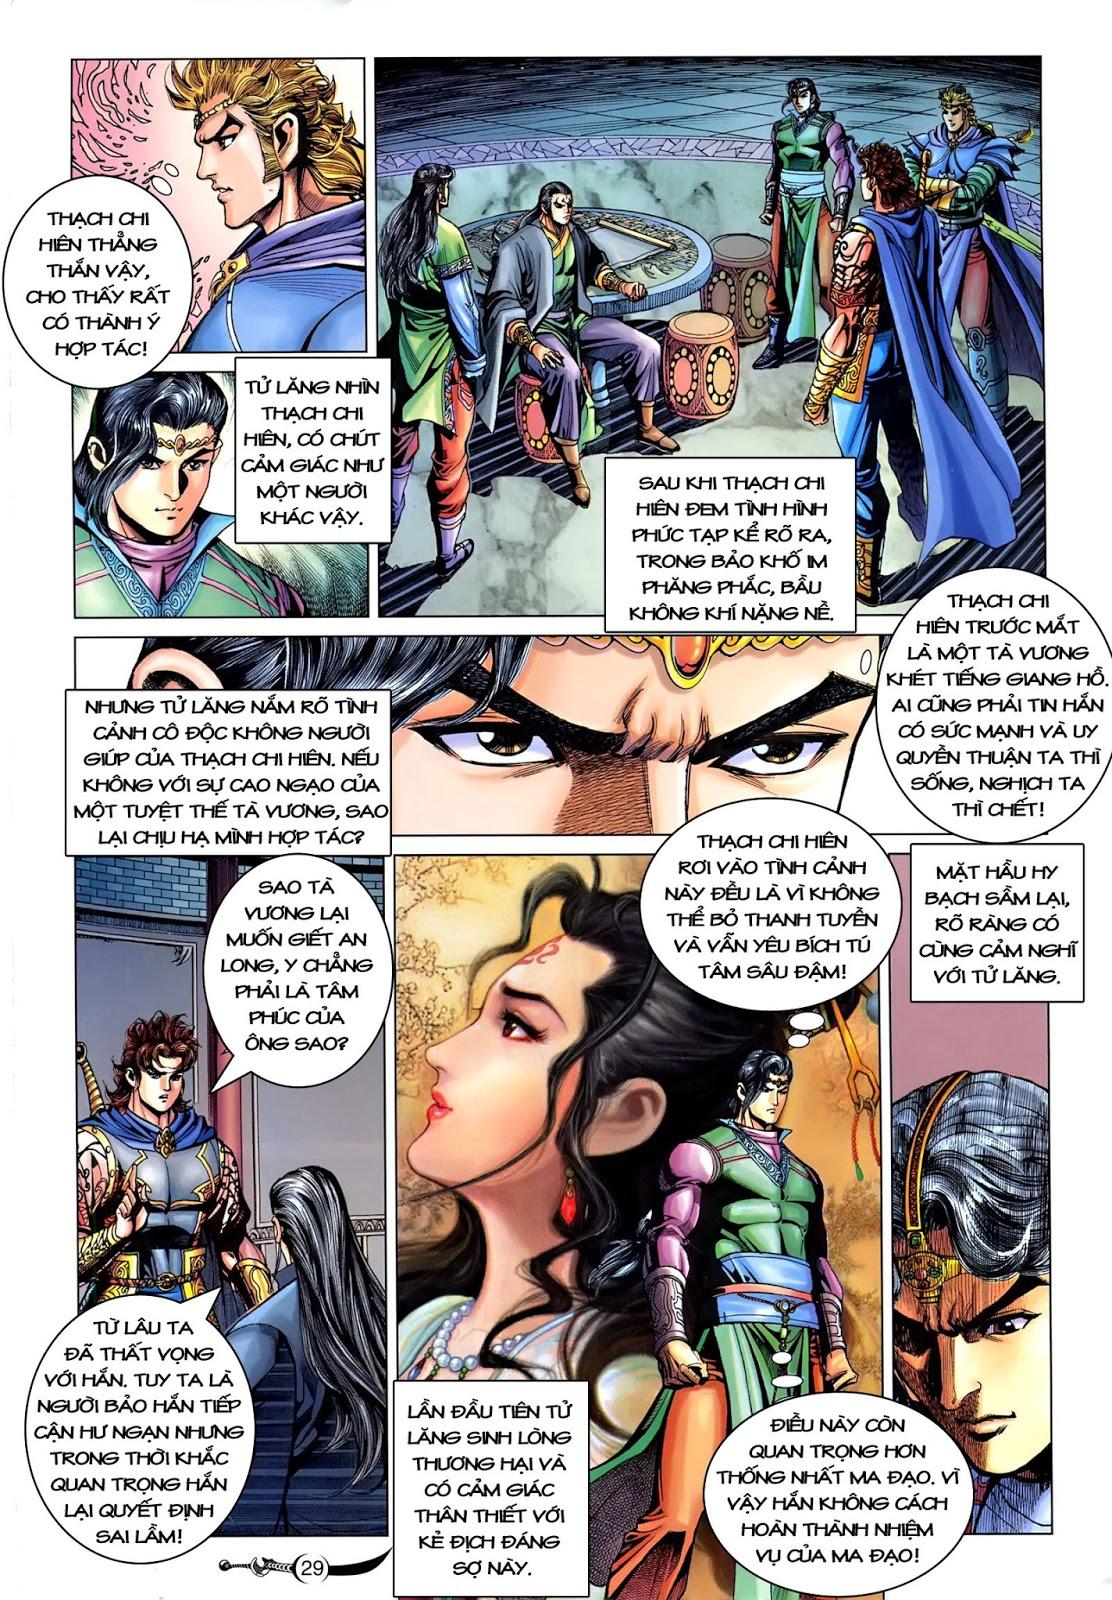 Đại Đường Song Long Truyện chap 216 - Trang 31